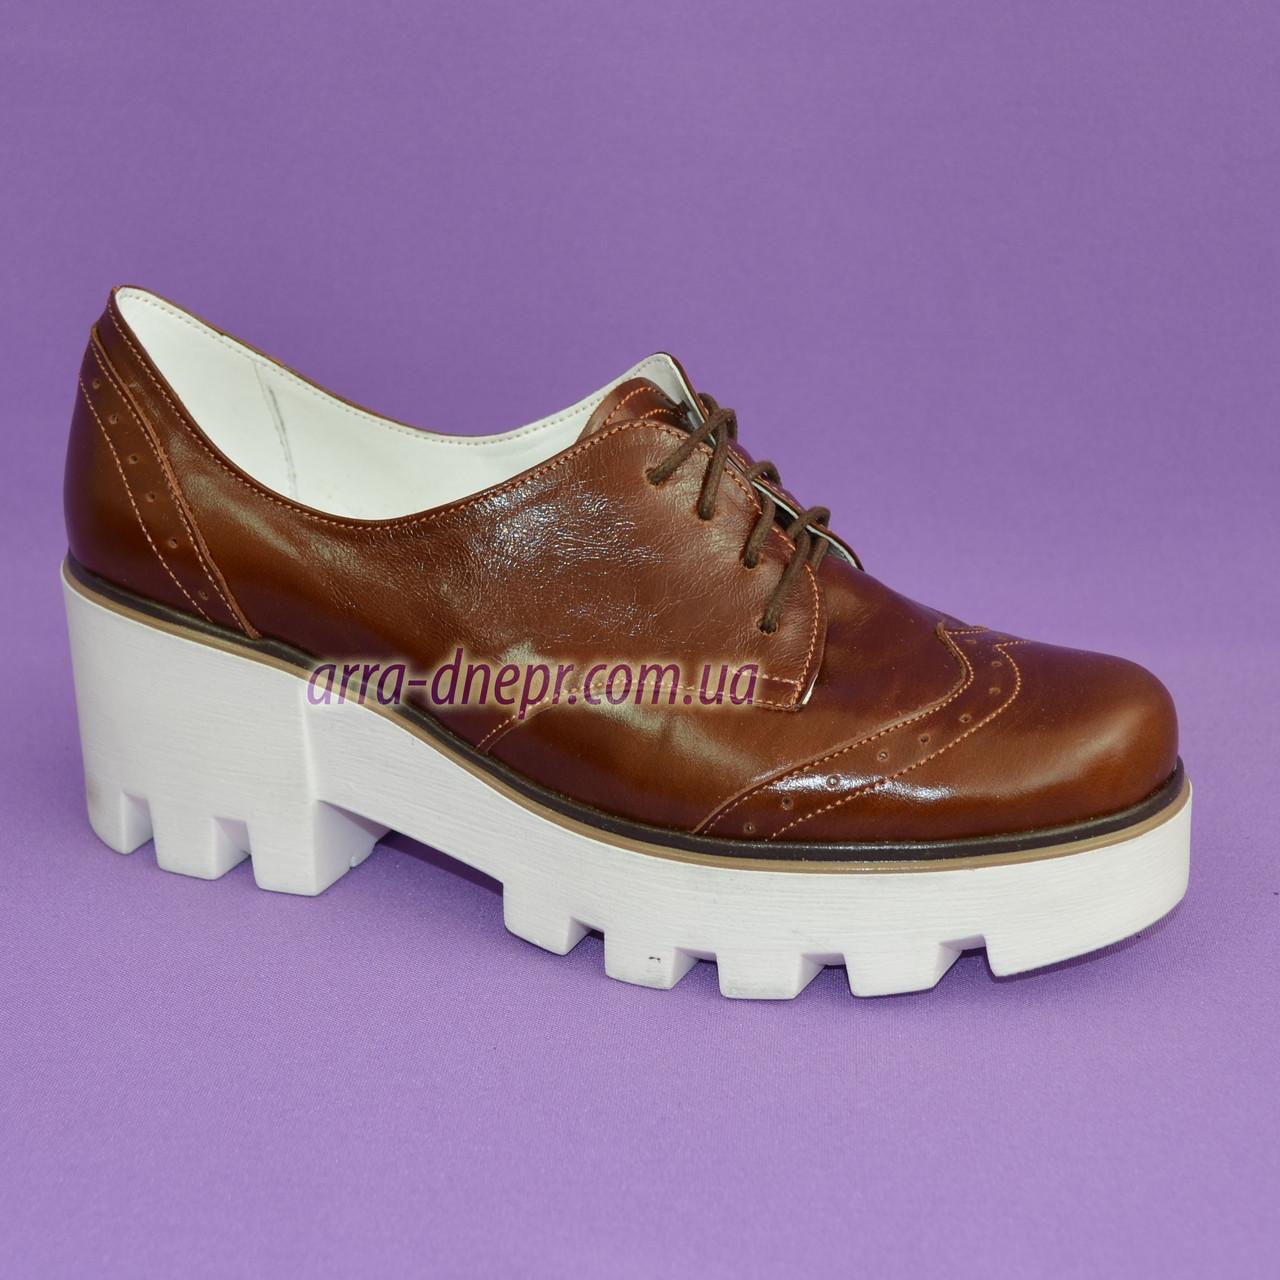 Женские кожаные рыжие туфли на шнуровке, белая платформа